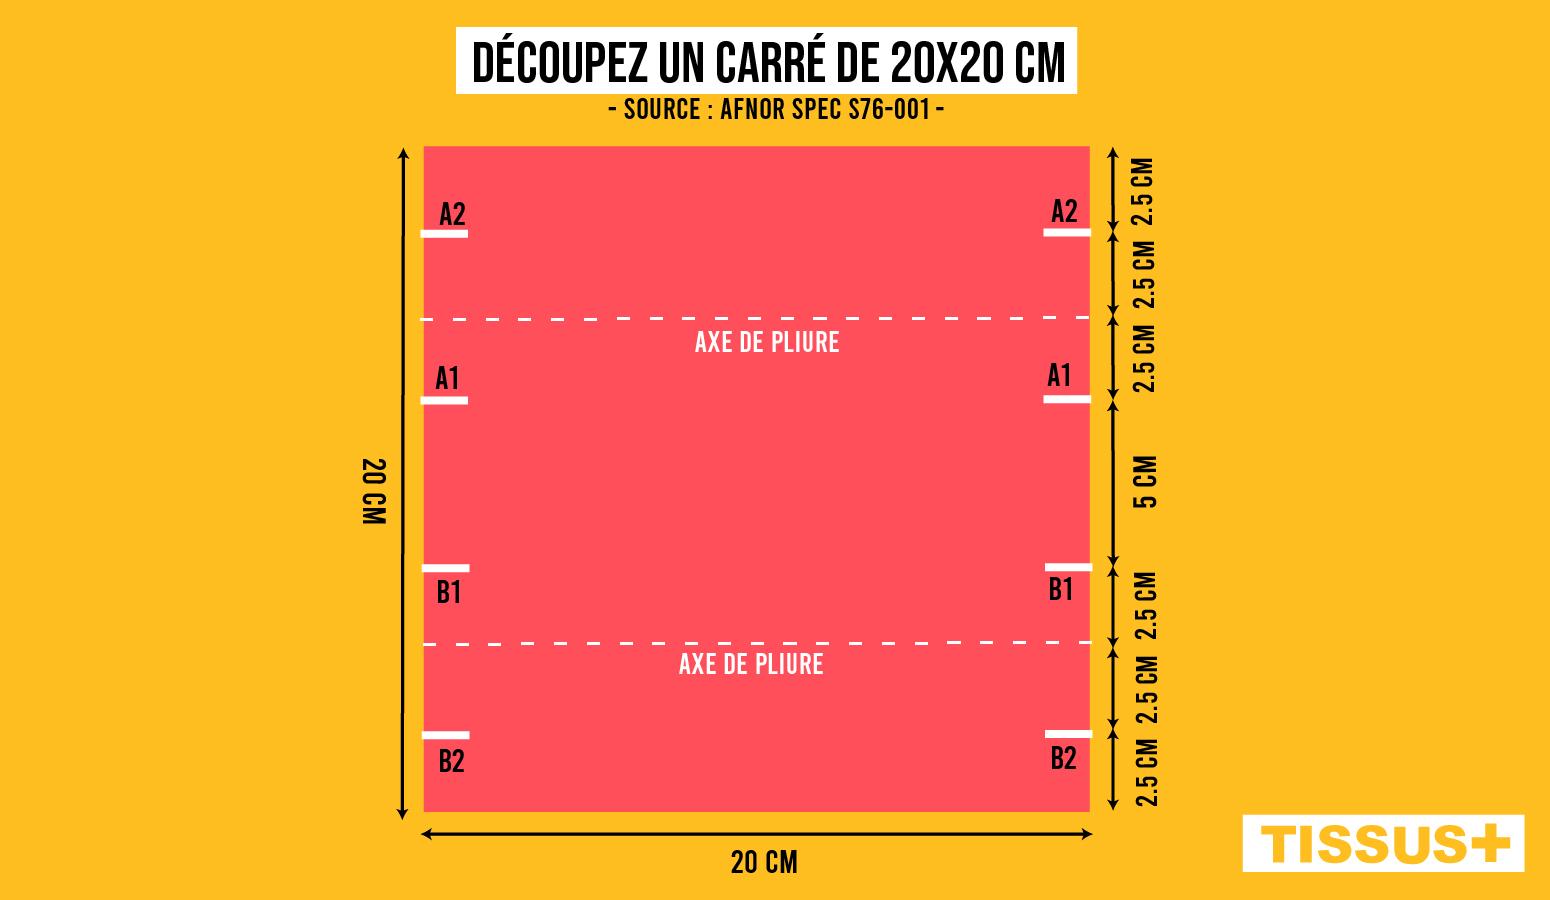 Découpez un carré de 20x20 cm